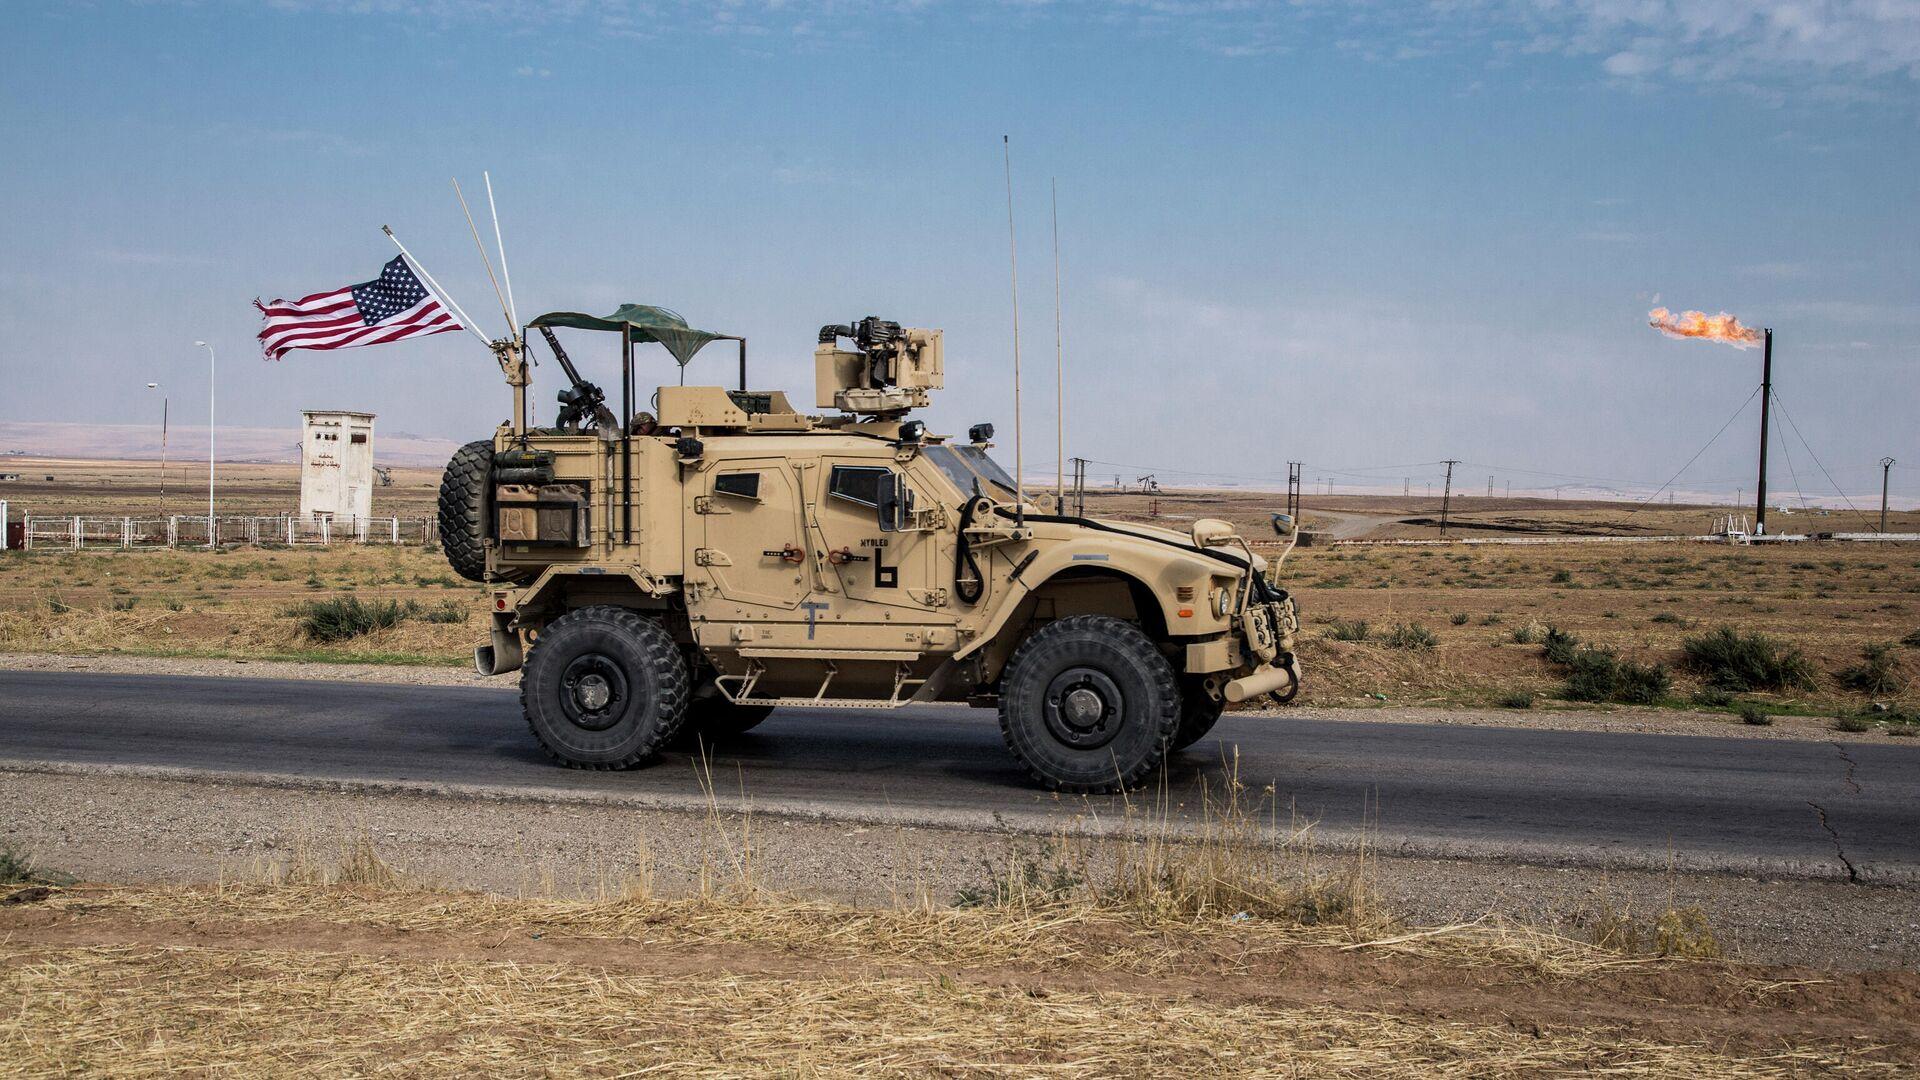 Американский военный автомобиль патрулируют сирийские нефтяные месторождения - РИА Новости, 1920, 29.02.2020